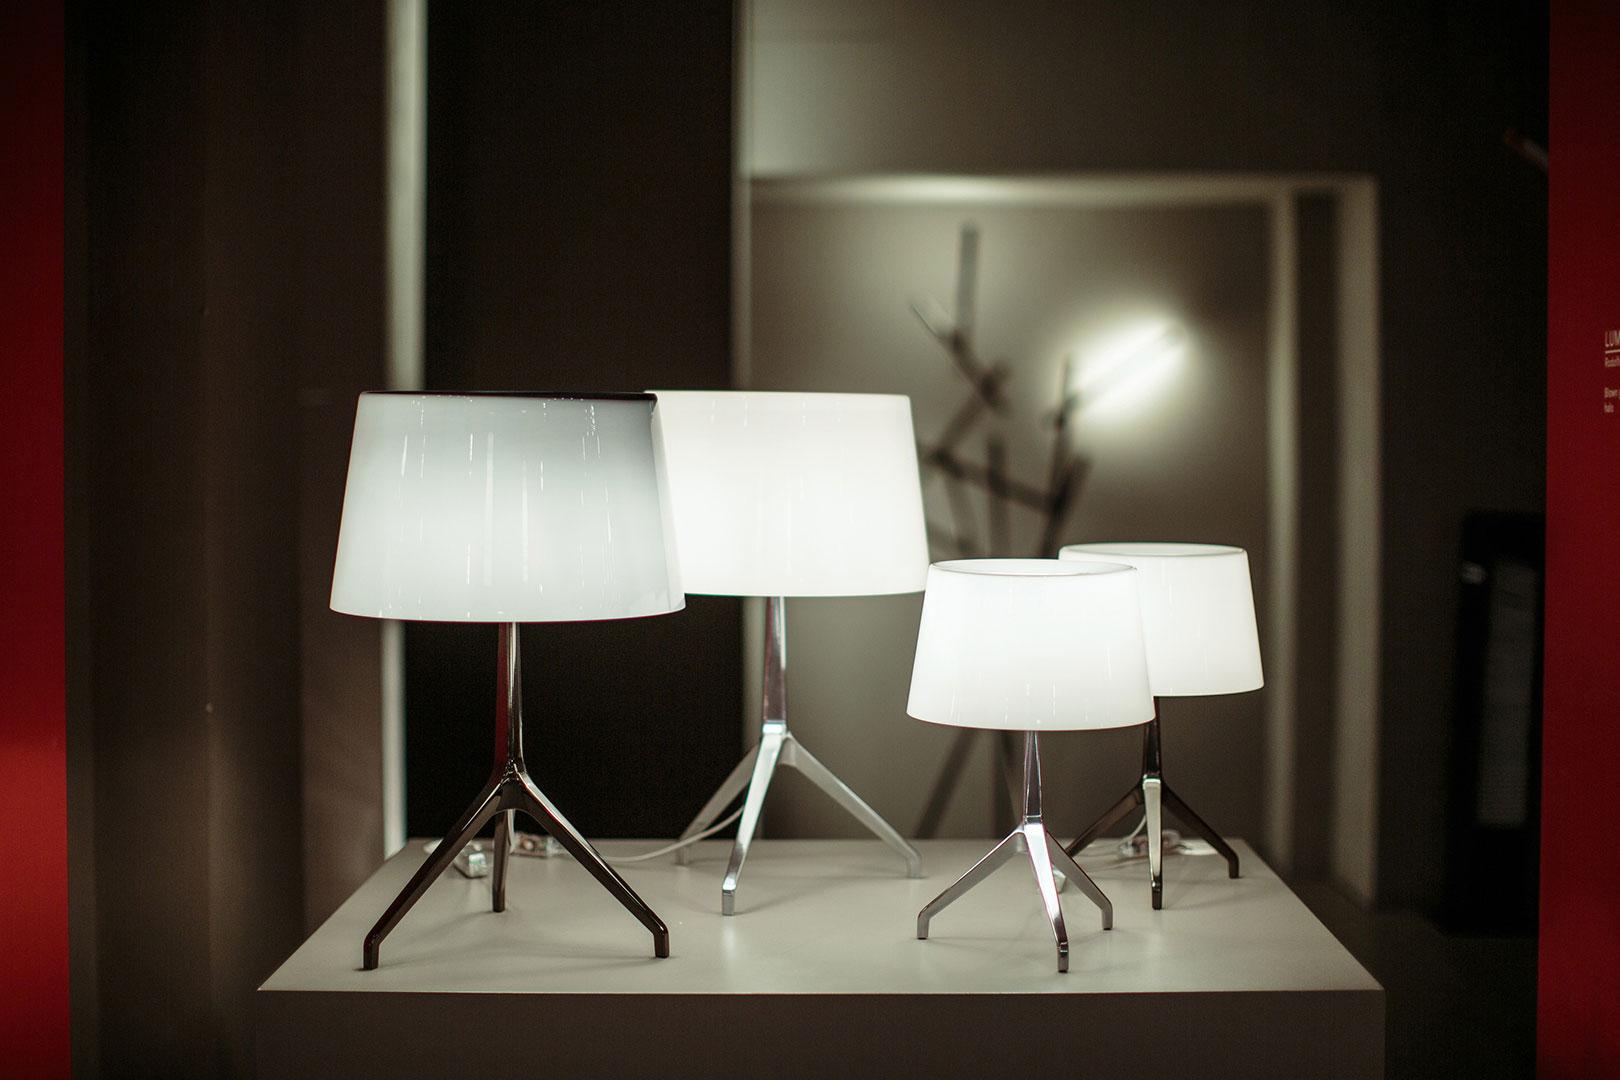 Moderne Lampen 18 : Lumiere table lamp design by foscarini foscarini.com